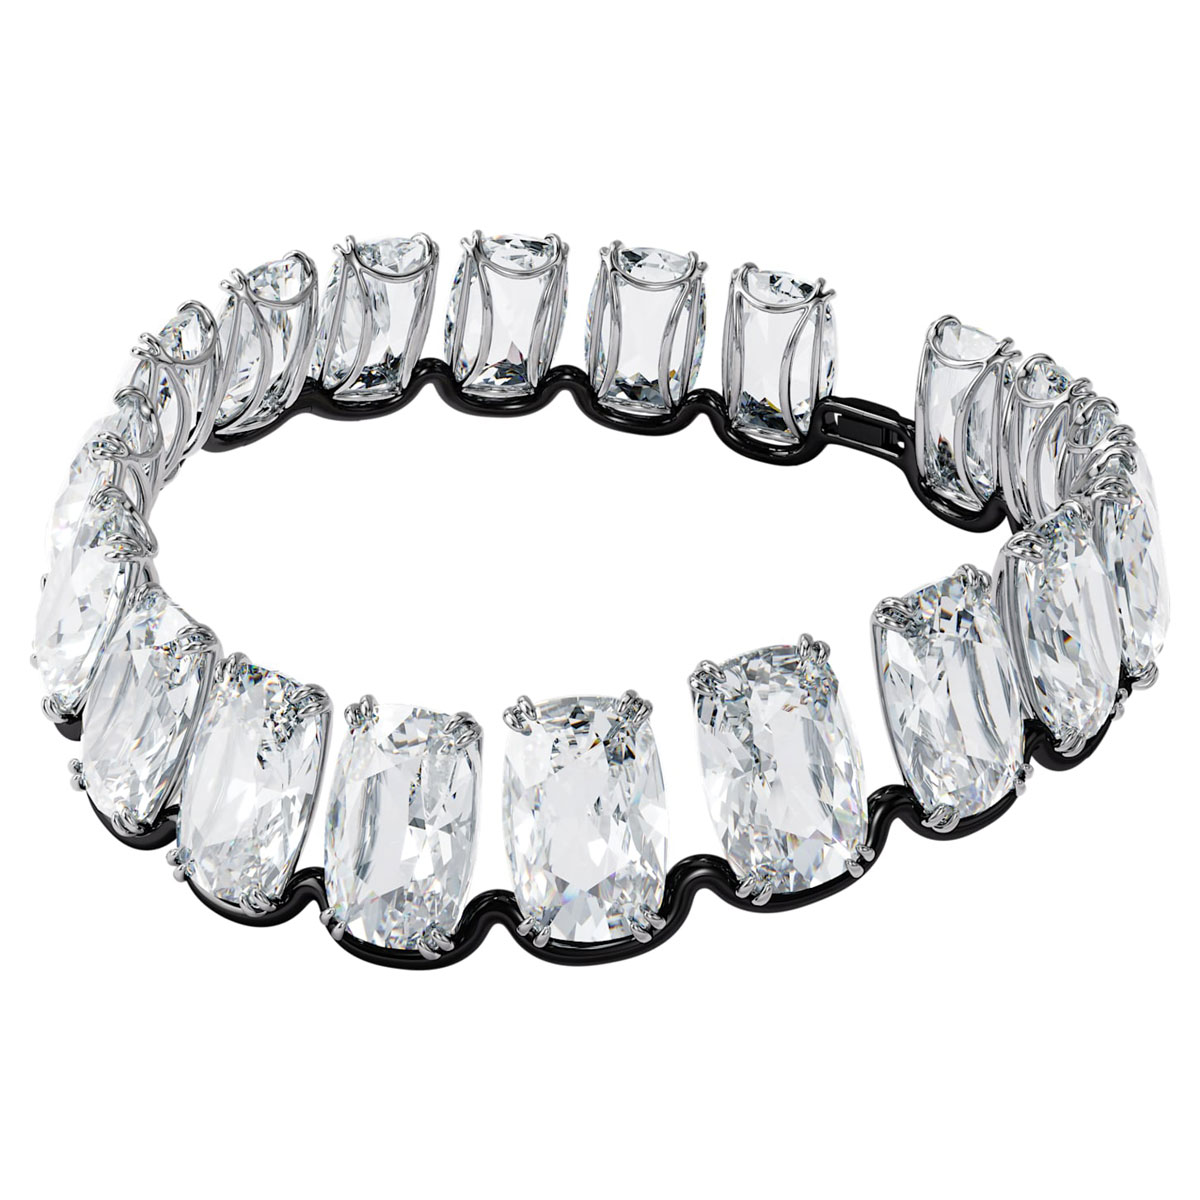 Swarovski Harmonia Choker Necklace , Oversized Floating Crystal, White, Mixed Metal Finish